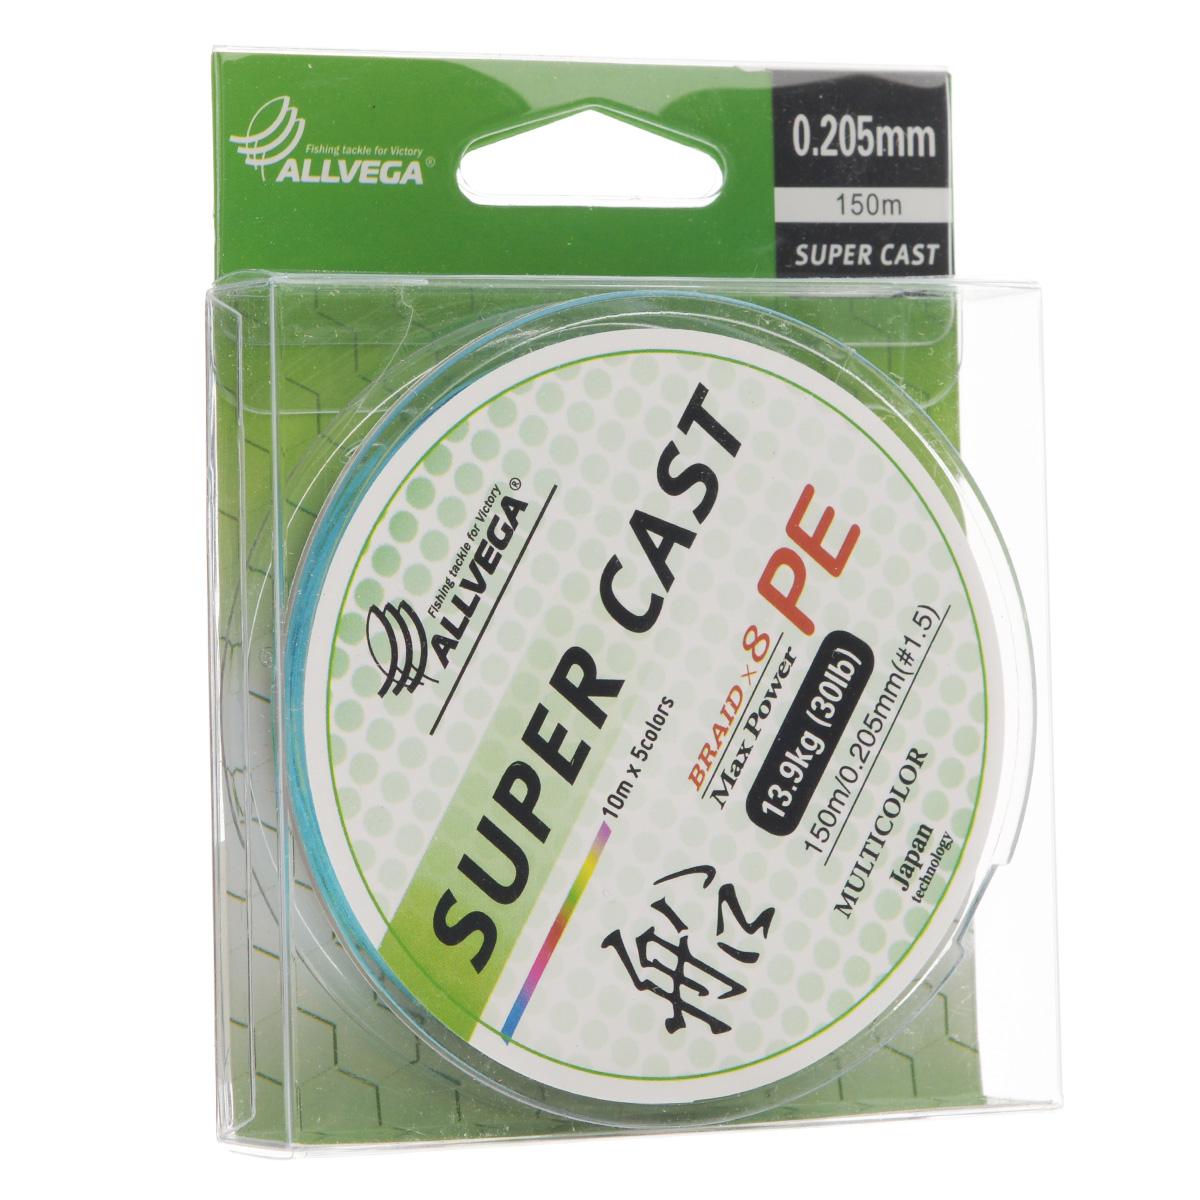 Леска плетеная Allvega Super Cast X8, цвет: мультиколор, 150 м, 0,205 мм, 13,9 кг